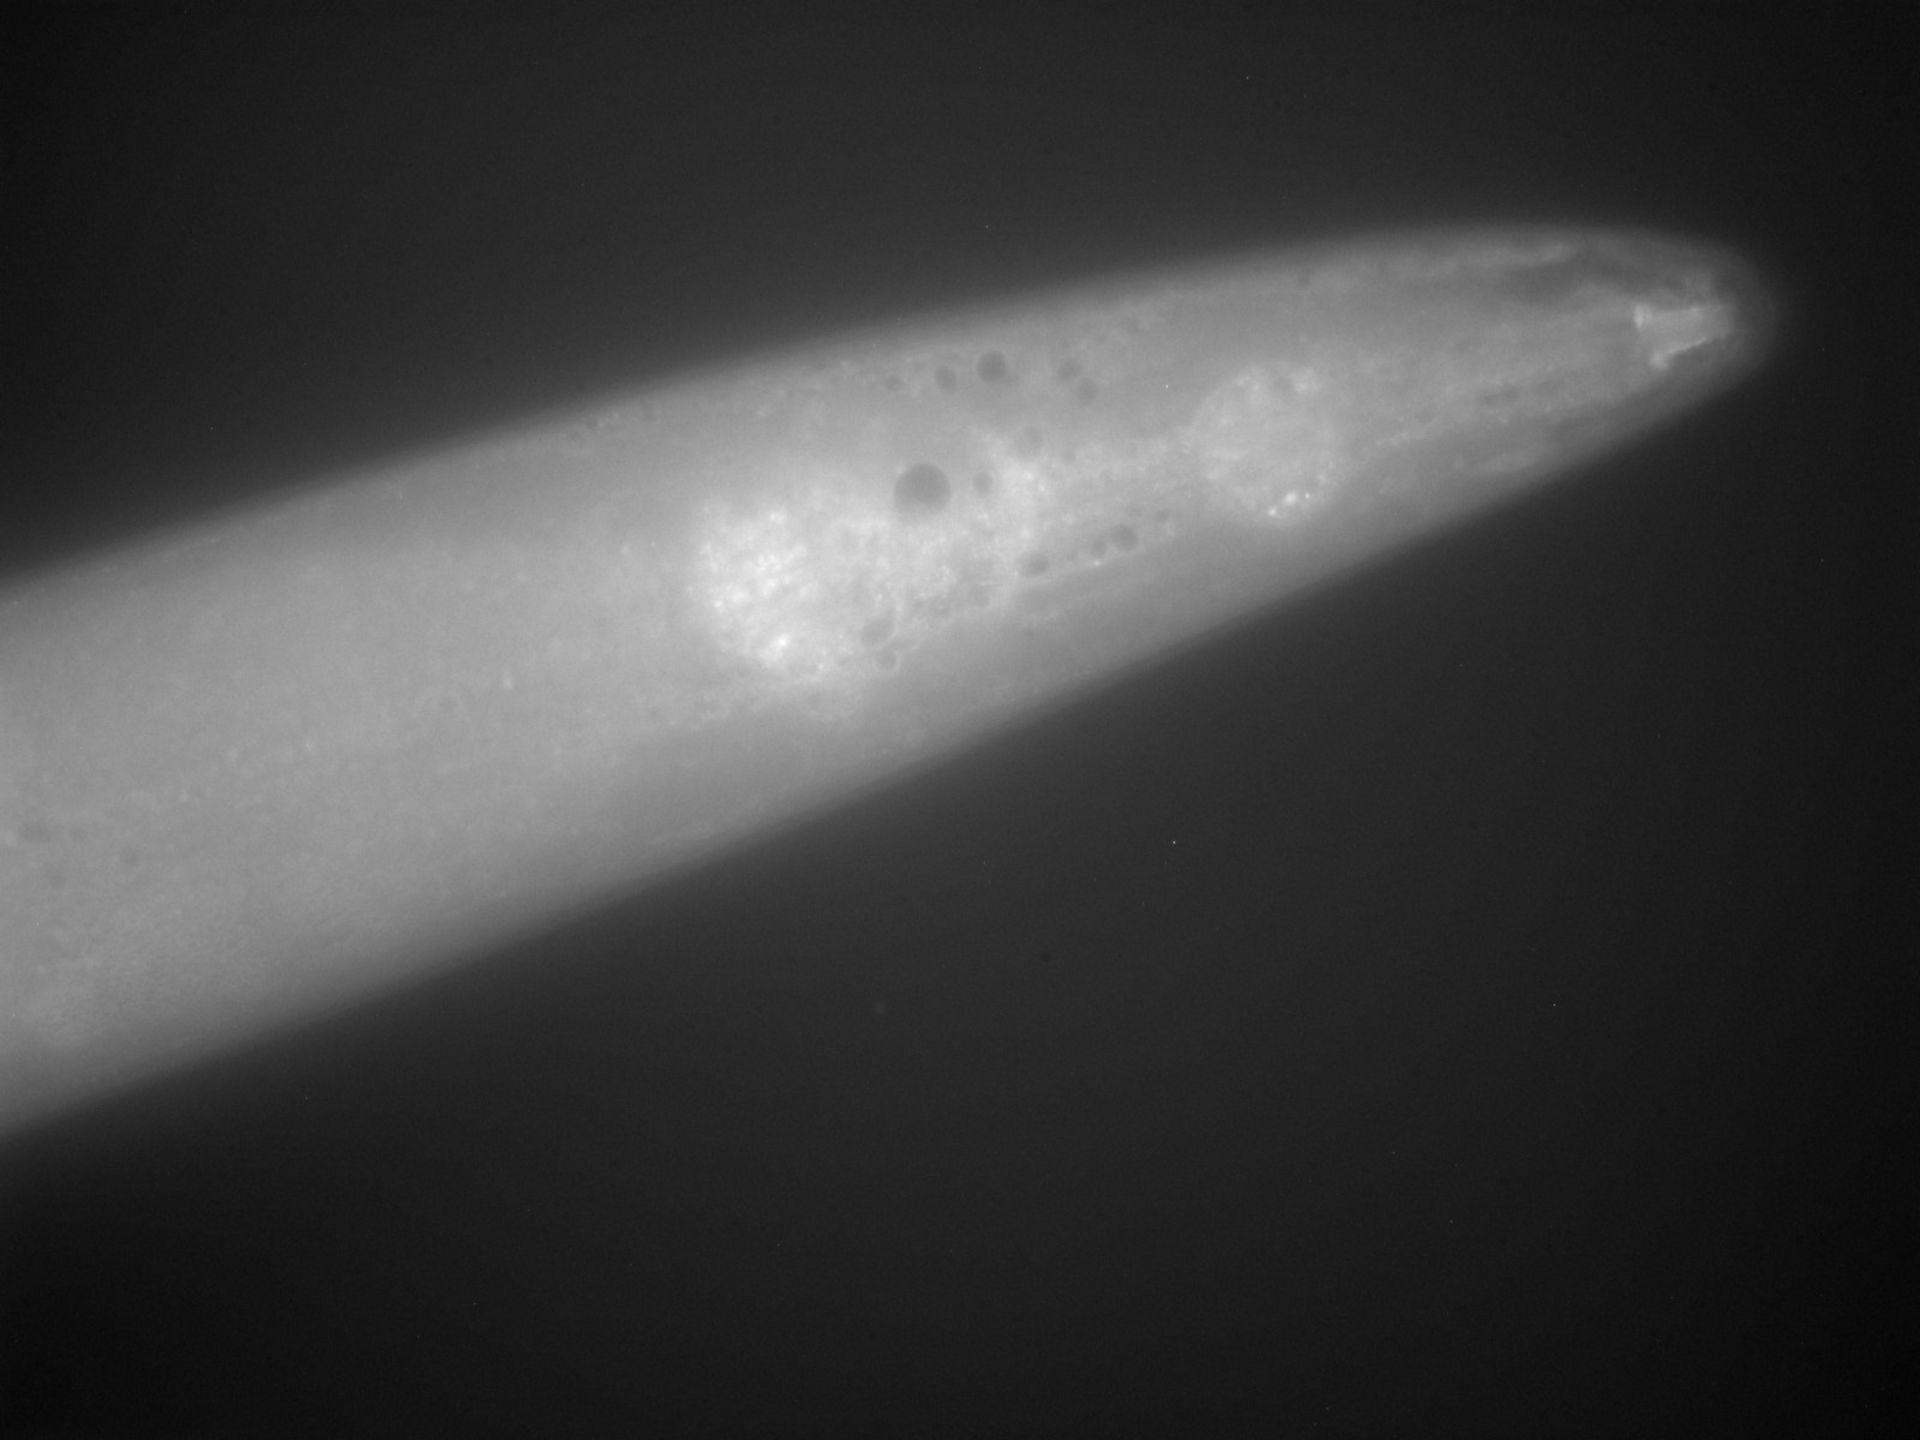 Caenorhabditis elegans (Actin filament) - CIL:1285